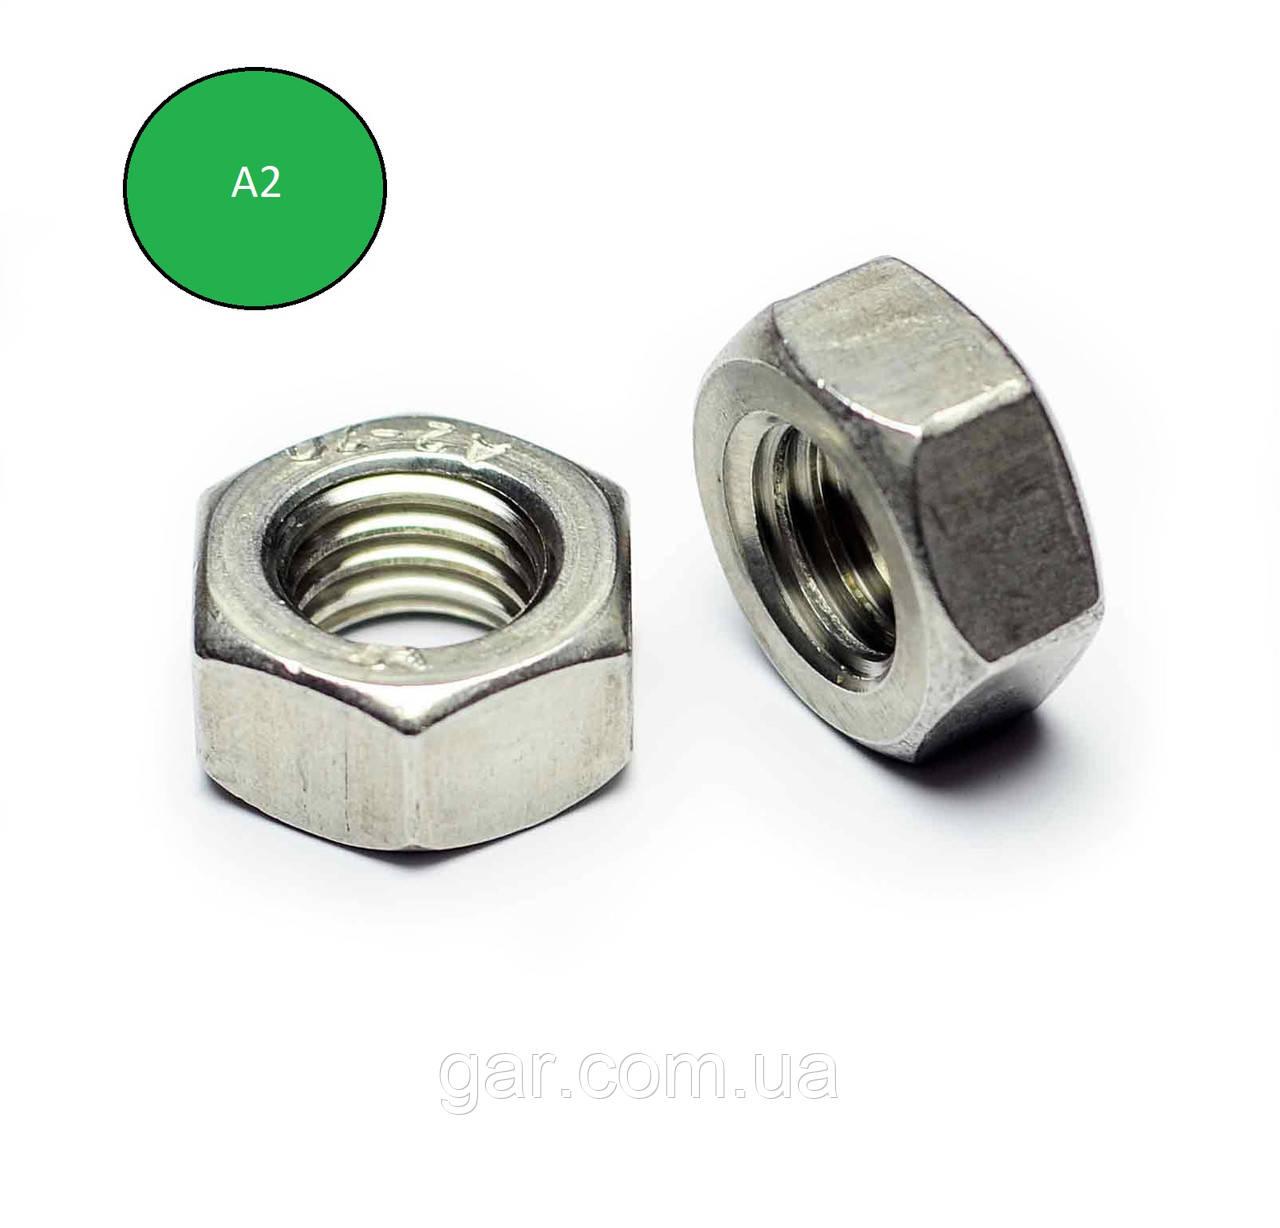 Гайка нержавіюча М27 DIN 934 (ГОСТ 5915-70 ГОСТ 5927-70) сталь А2 і А4